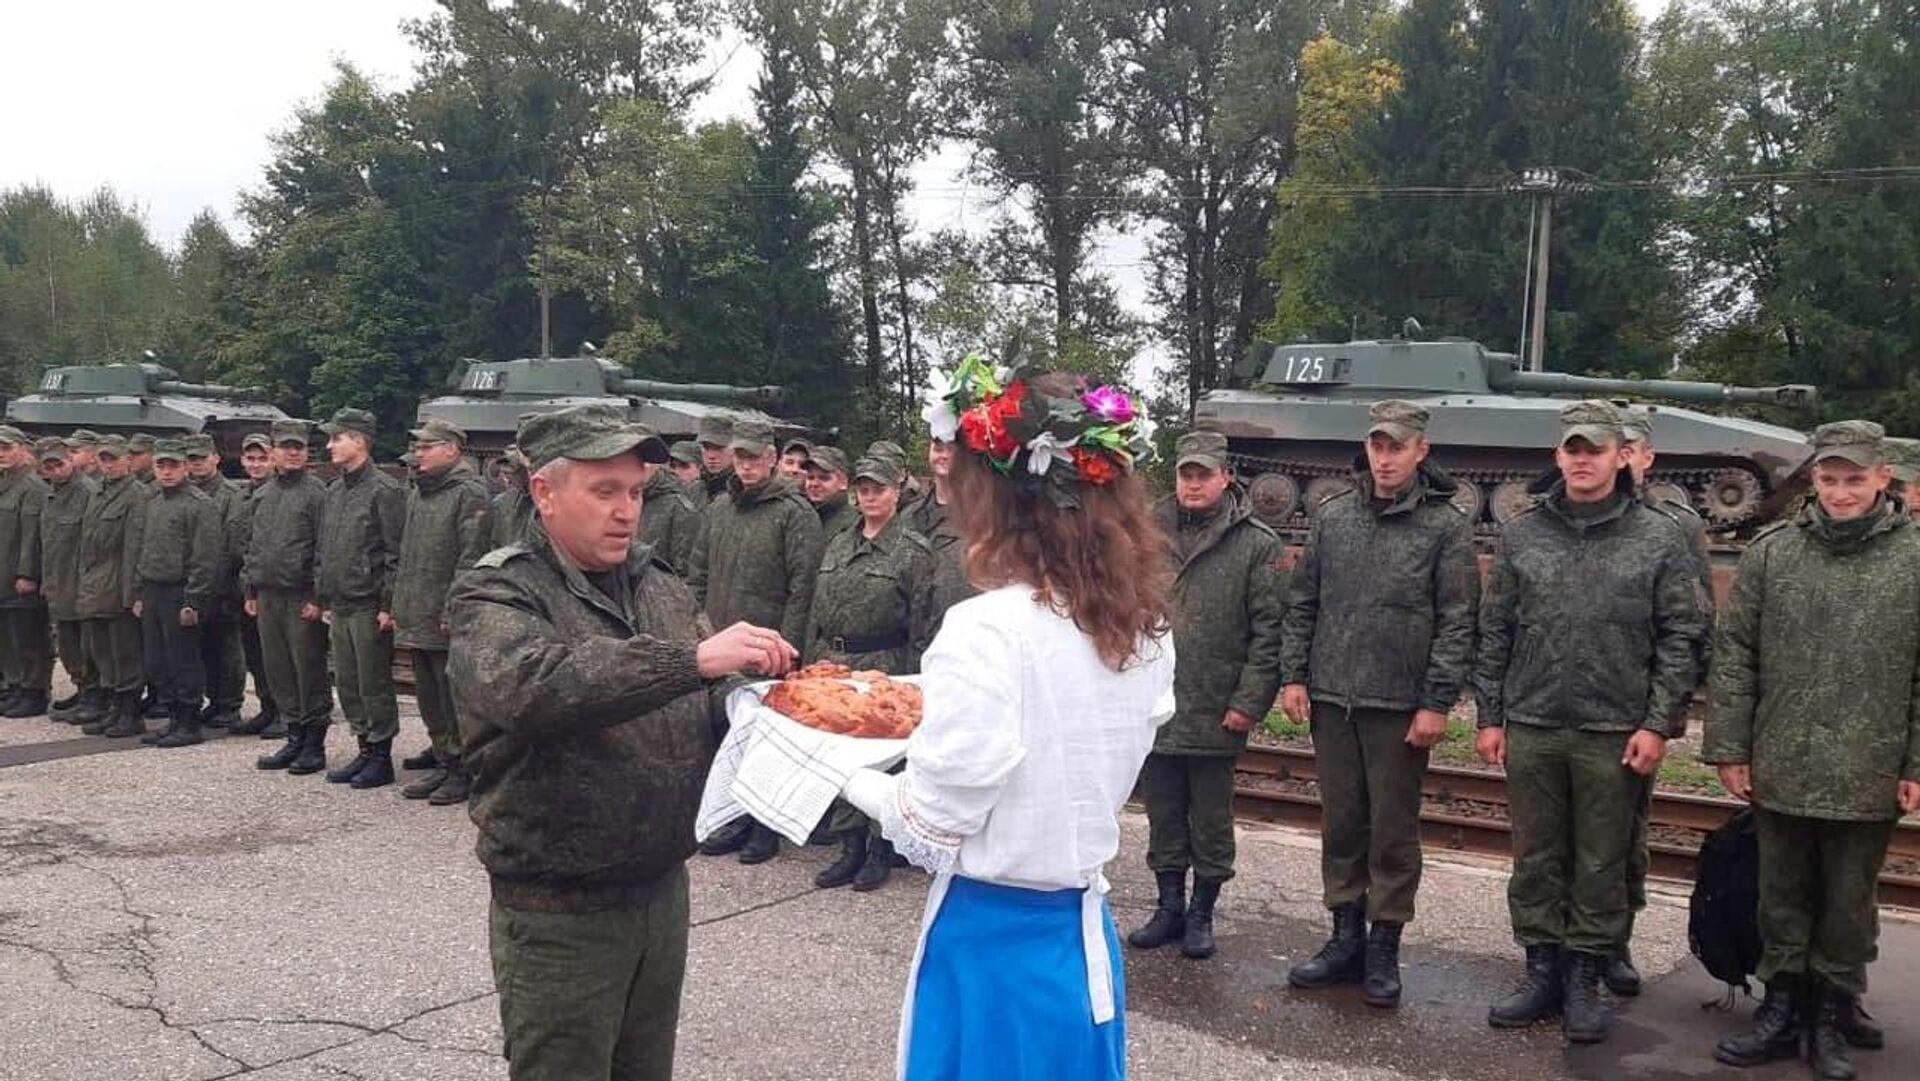 Эшелон с военнослужащими 19-й отдельной механизированной бригады прибыл на станцию Заслоново - Sputnik Беларусь, 1920, 23.09.2021